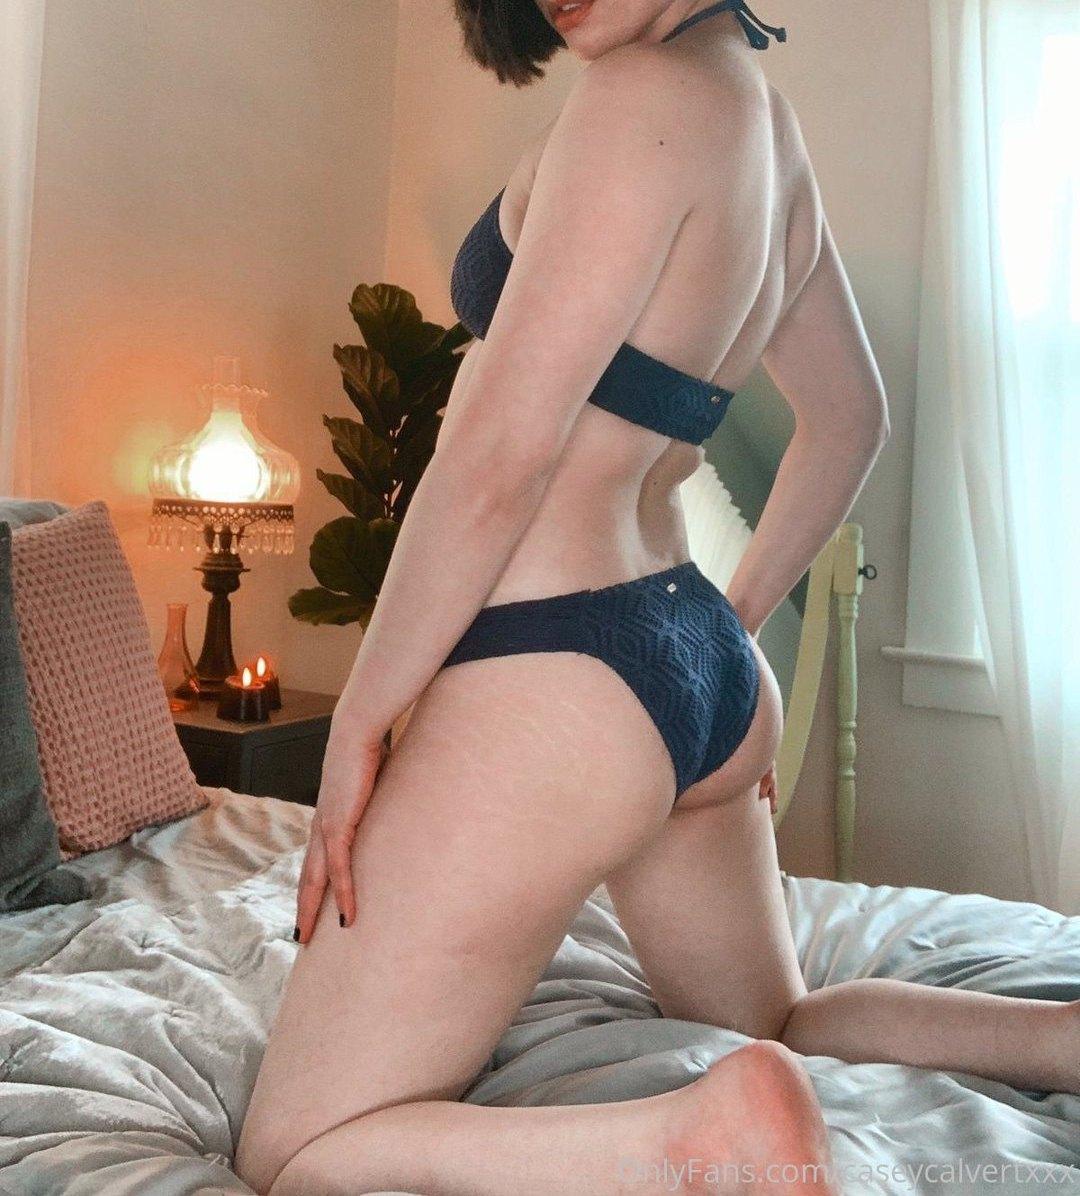 Casey Calvert Caseycalvertxxx Onlyfans Nudes Leaks 0013